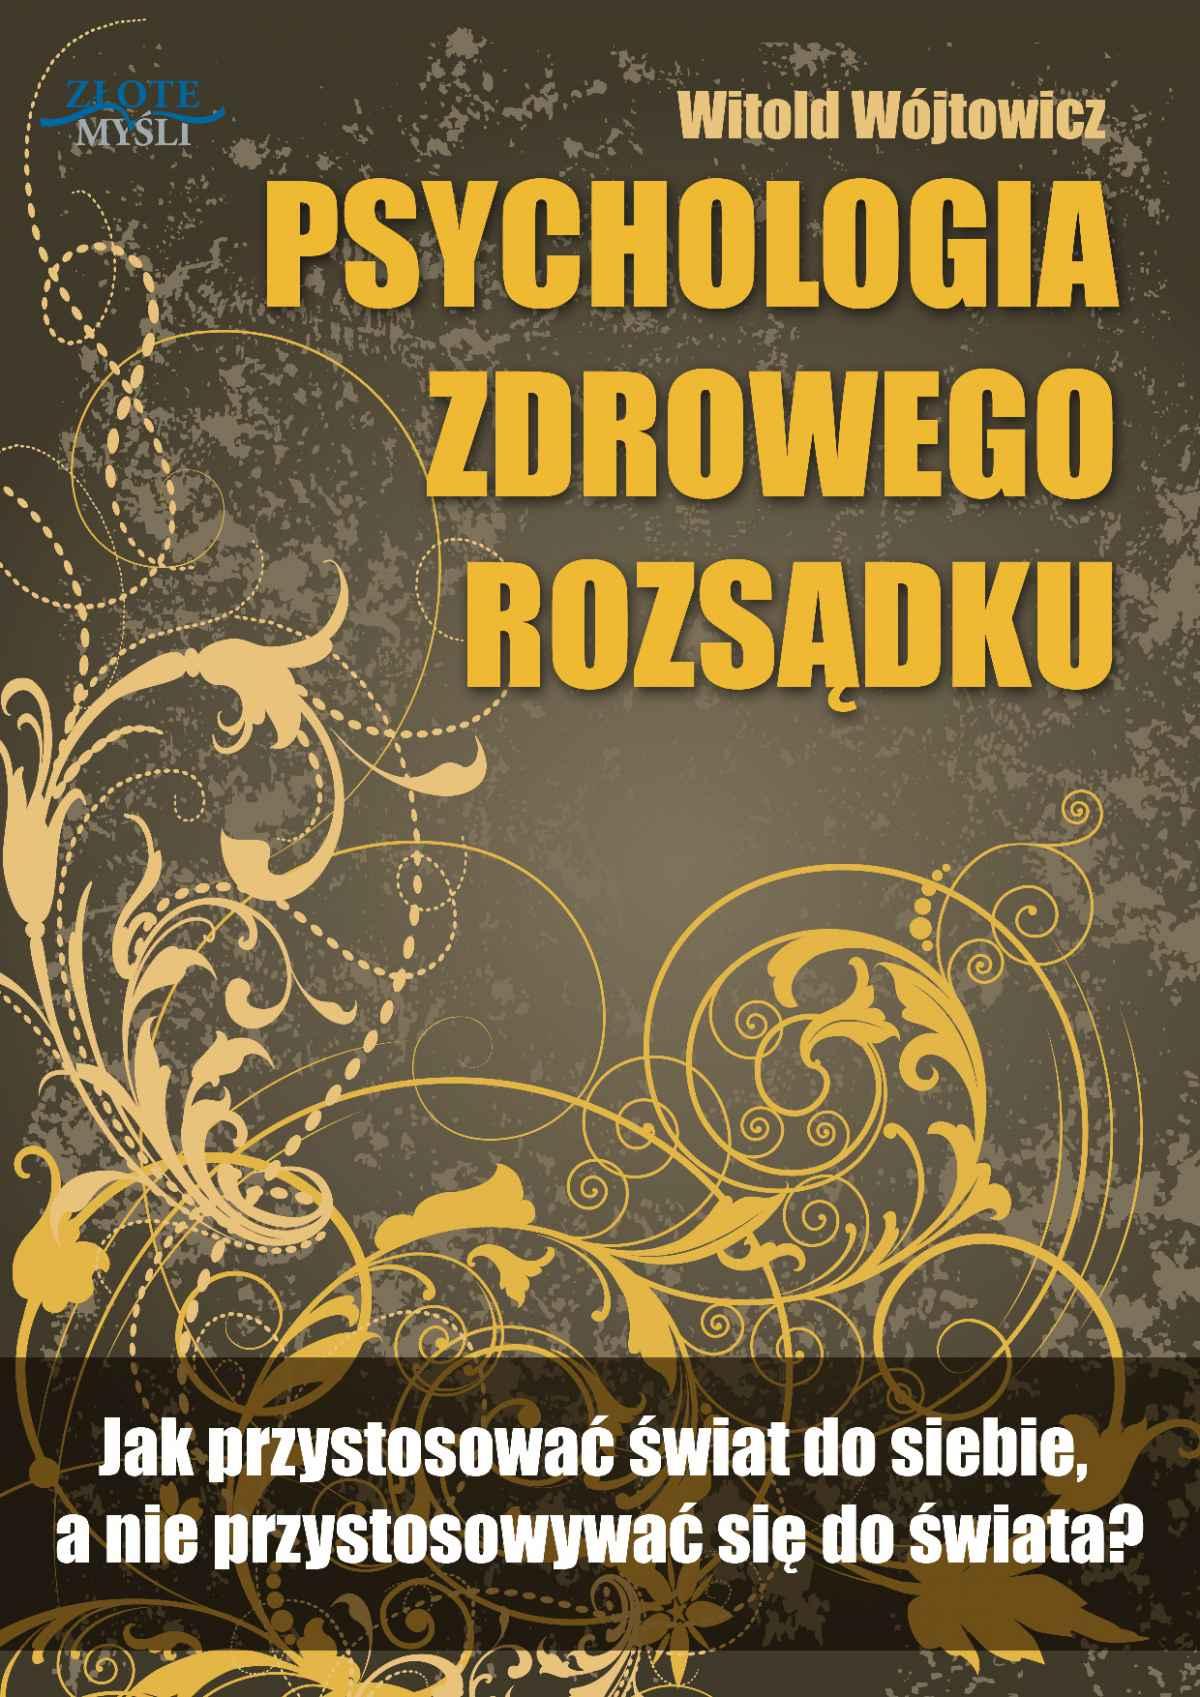 Psychologia zdrowego rozsądku - Ebook (Książka PDF) do pobrania w formacie PDF